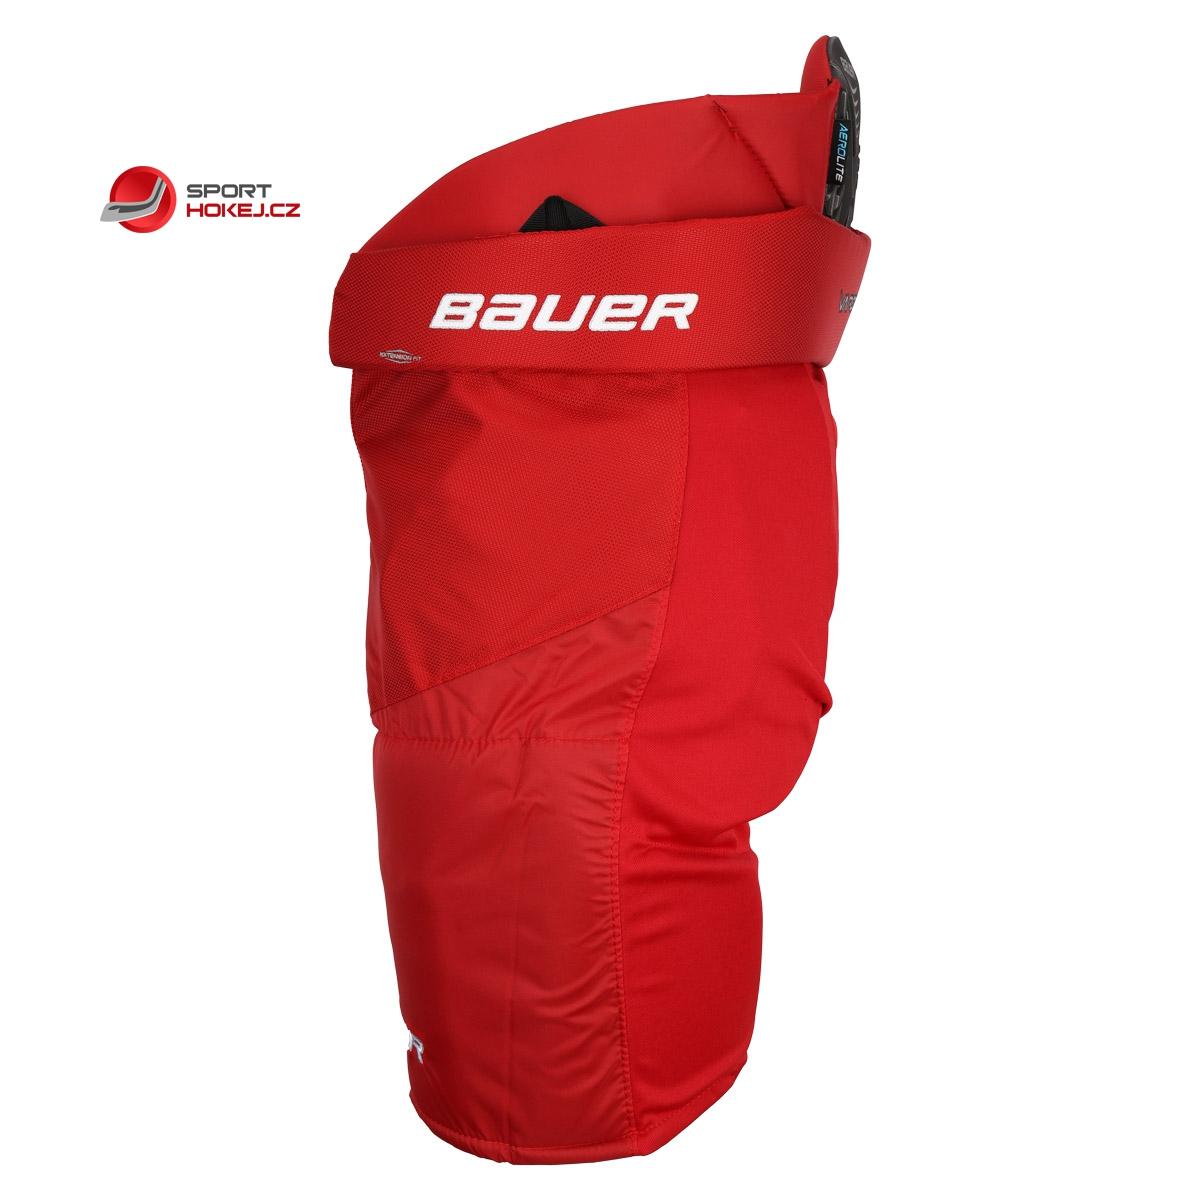 Hokejové kalhoty BAUER Vapor X800 SR Hokejové kalhoty BAUER Vapor X800 SR  ... 076170bb44